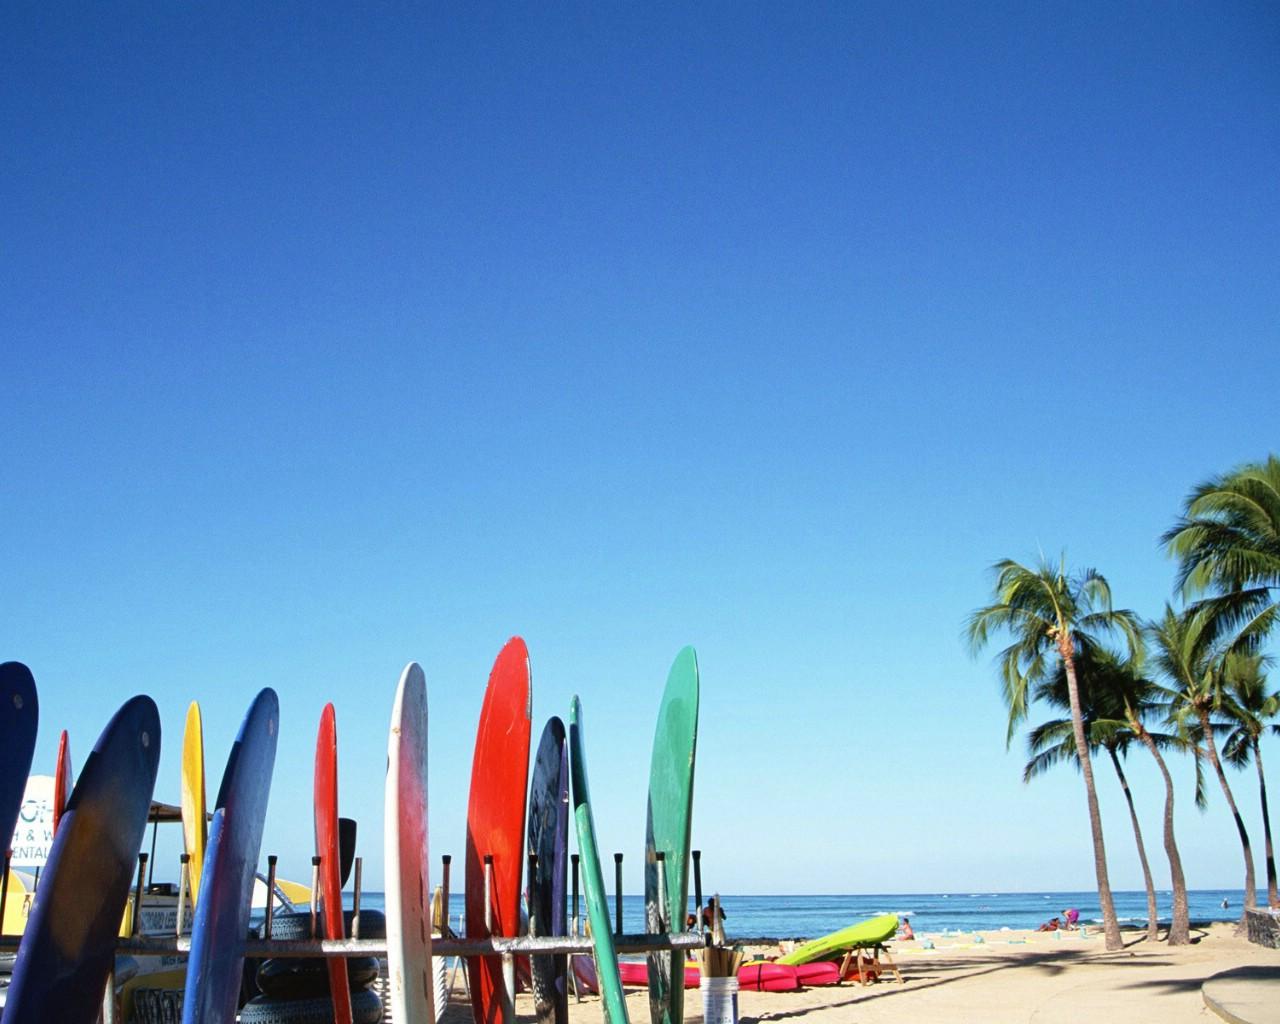 与阳光海滩壁纸图片风景壁纸风景图片素材桌面壁